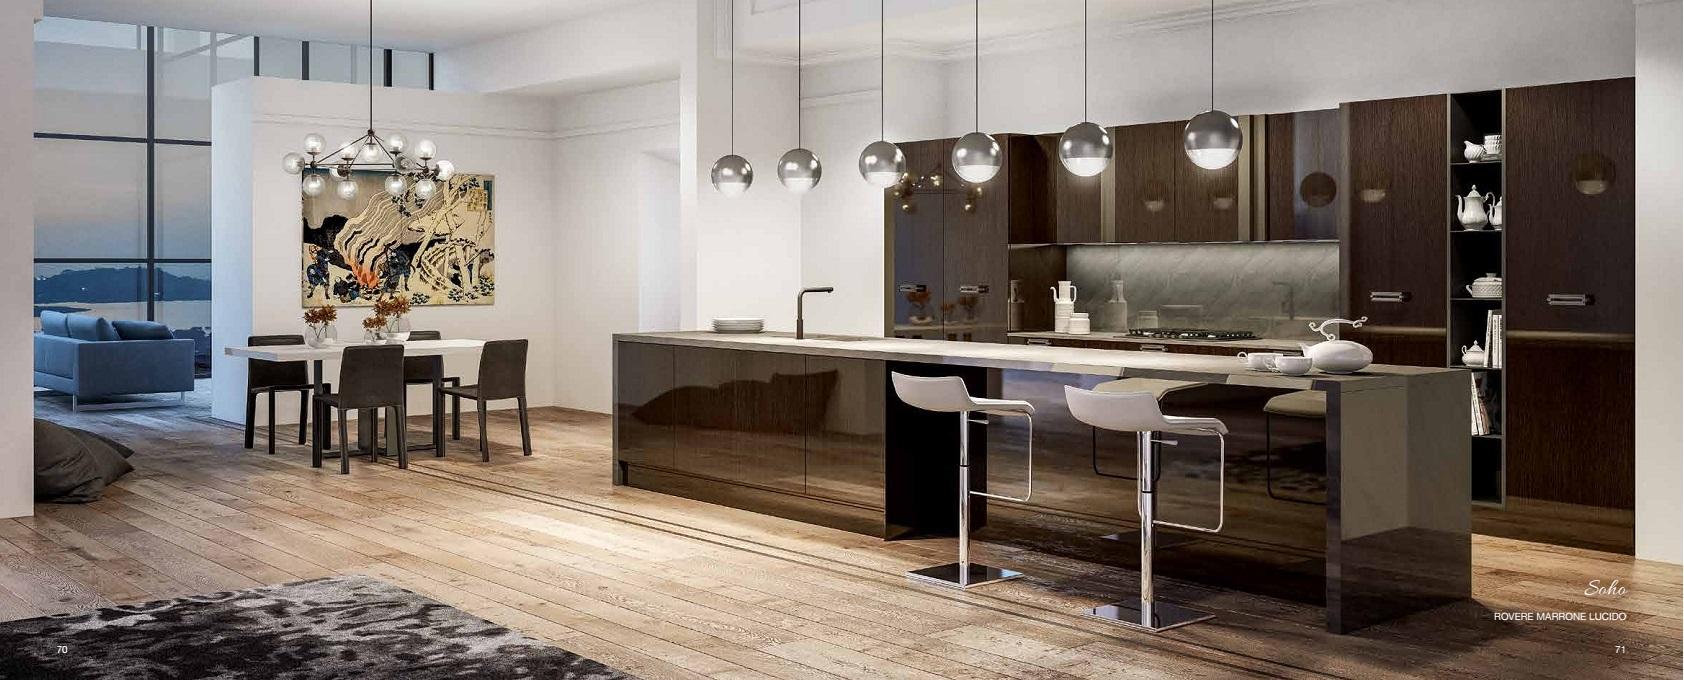 Cucine e camere da letto moderne